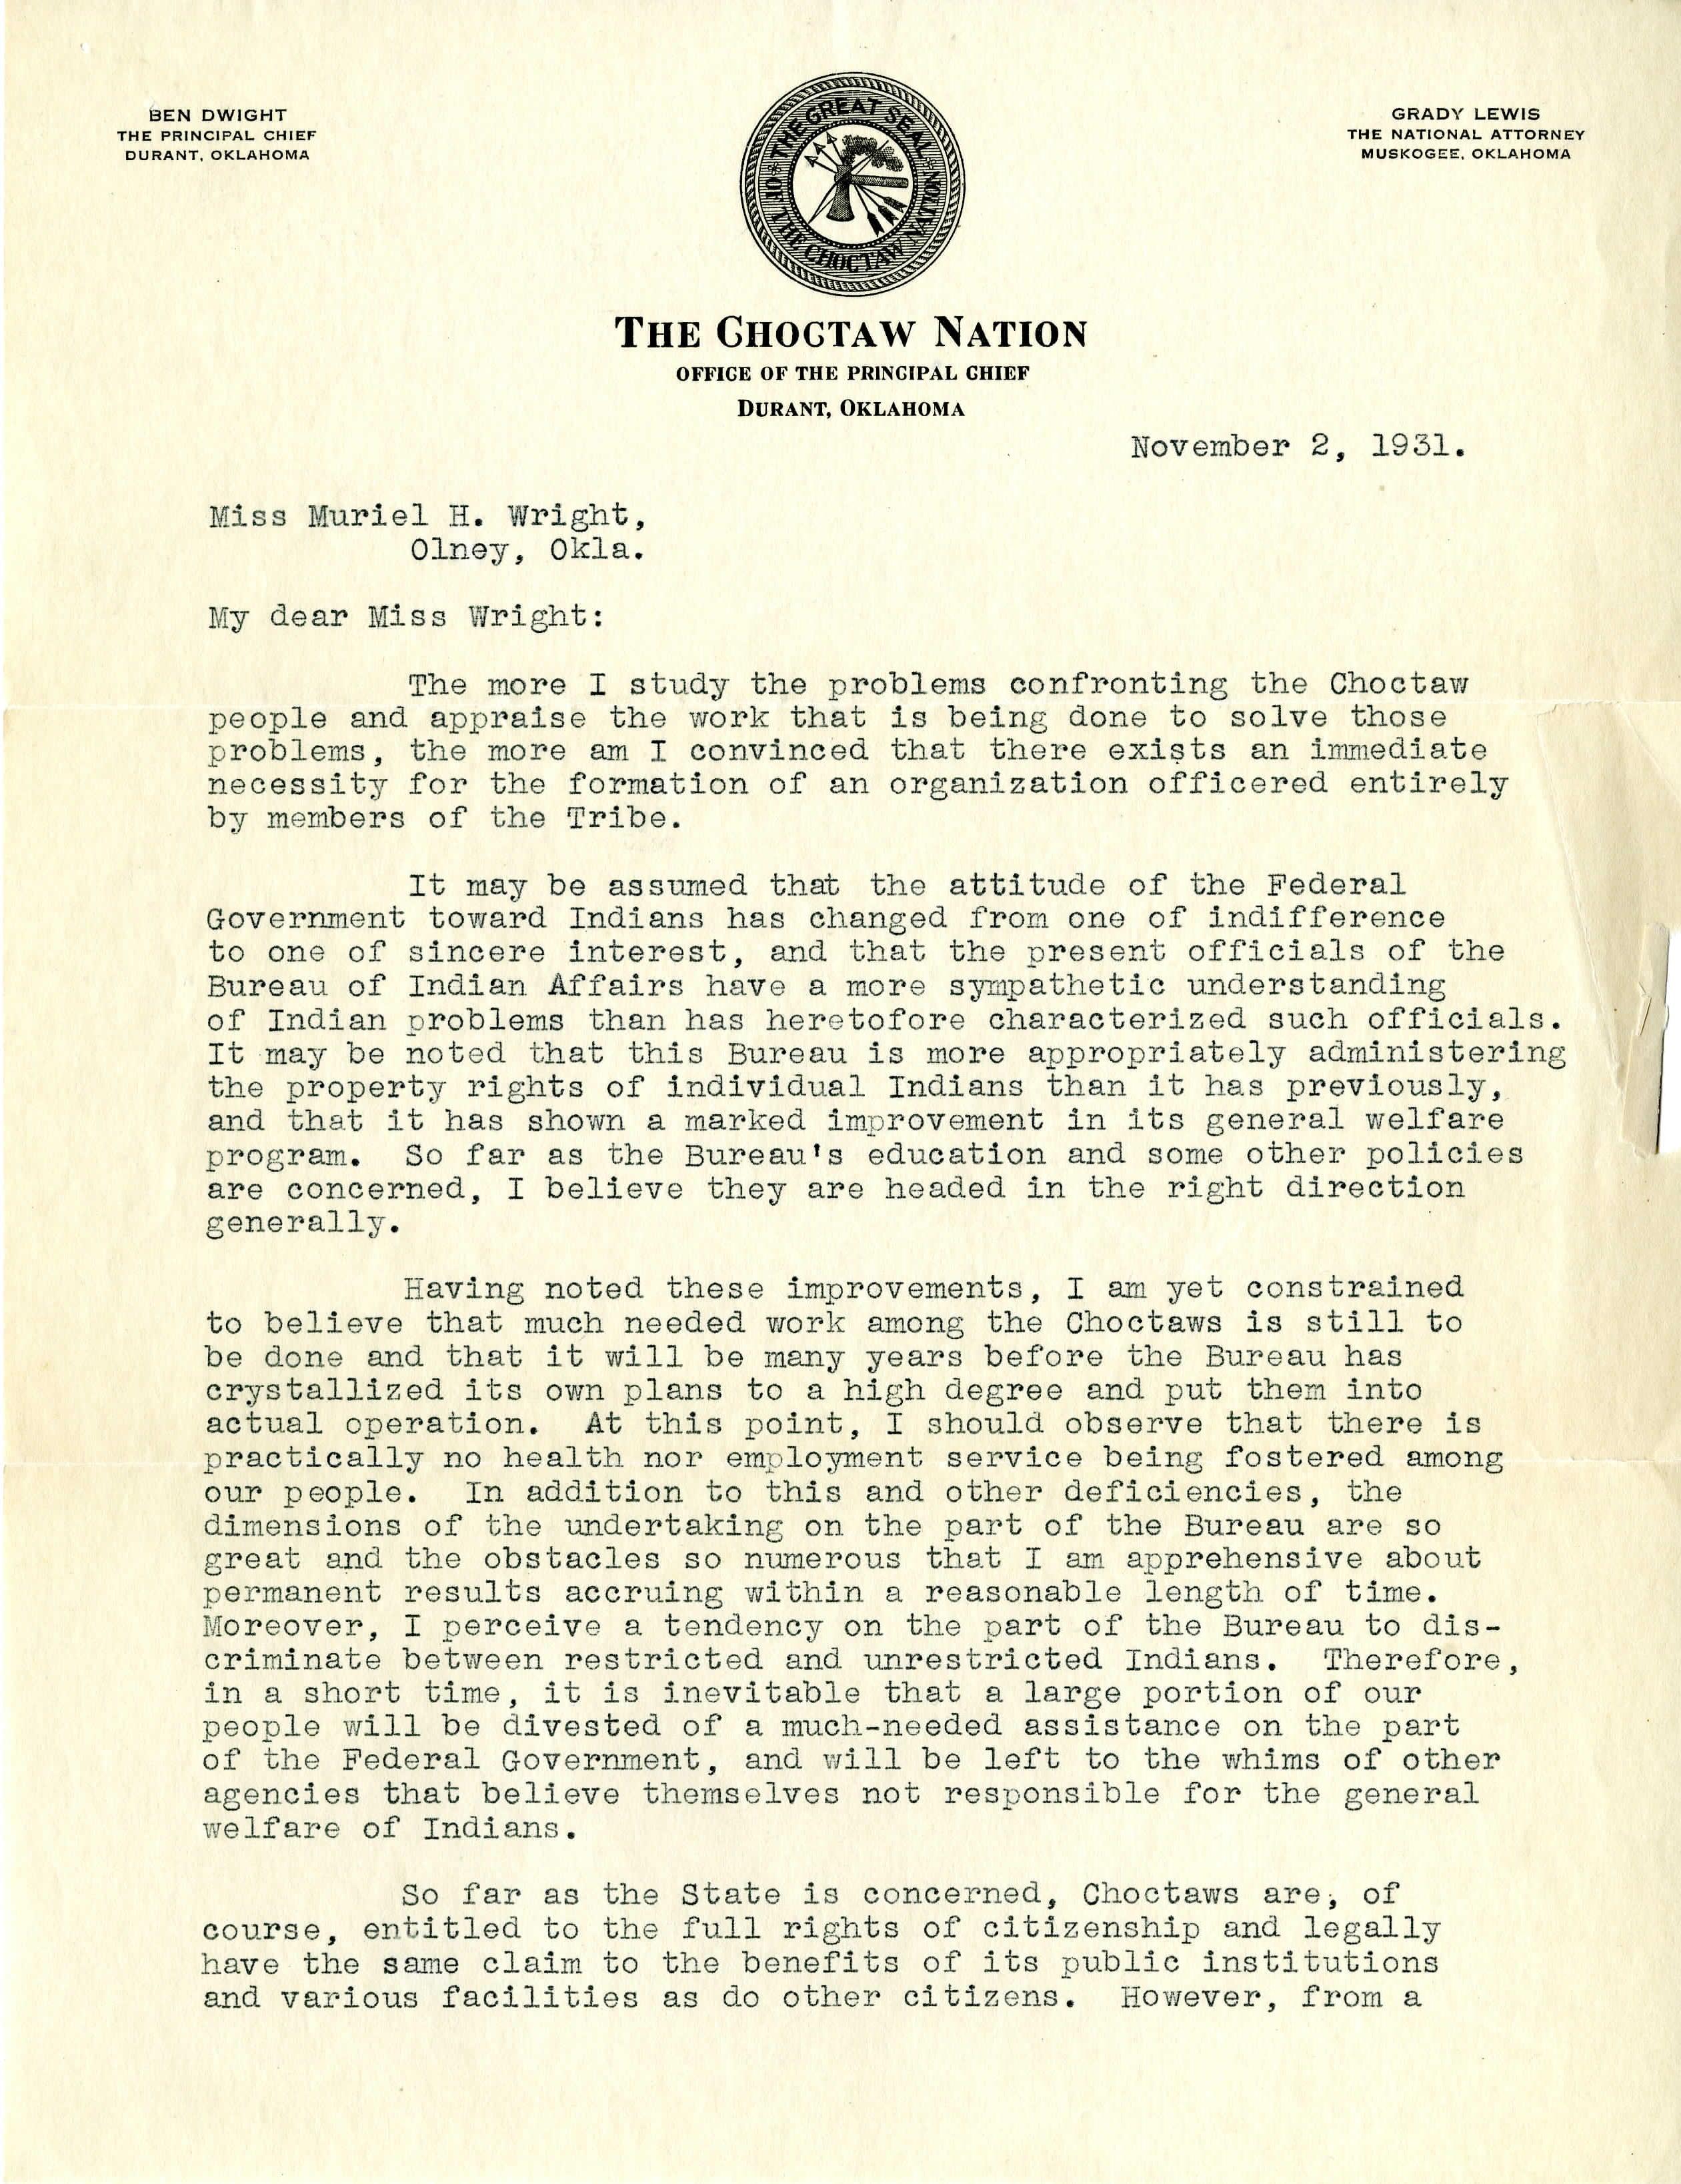 Ben Dwight to Muriel Wright: November 2, 1931 | Alexander